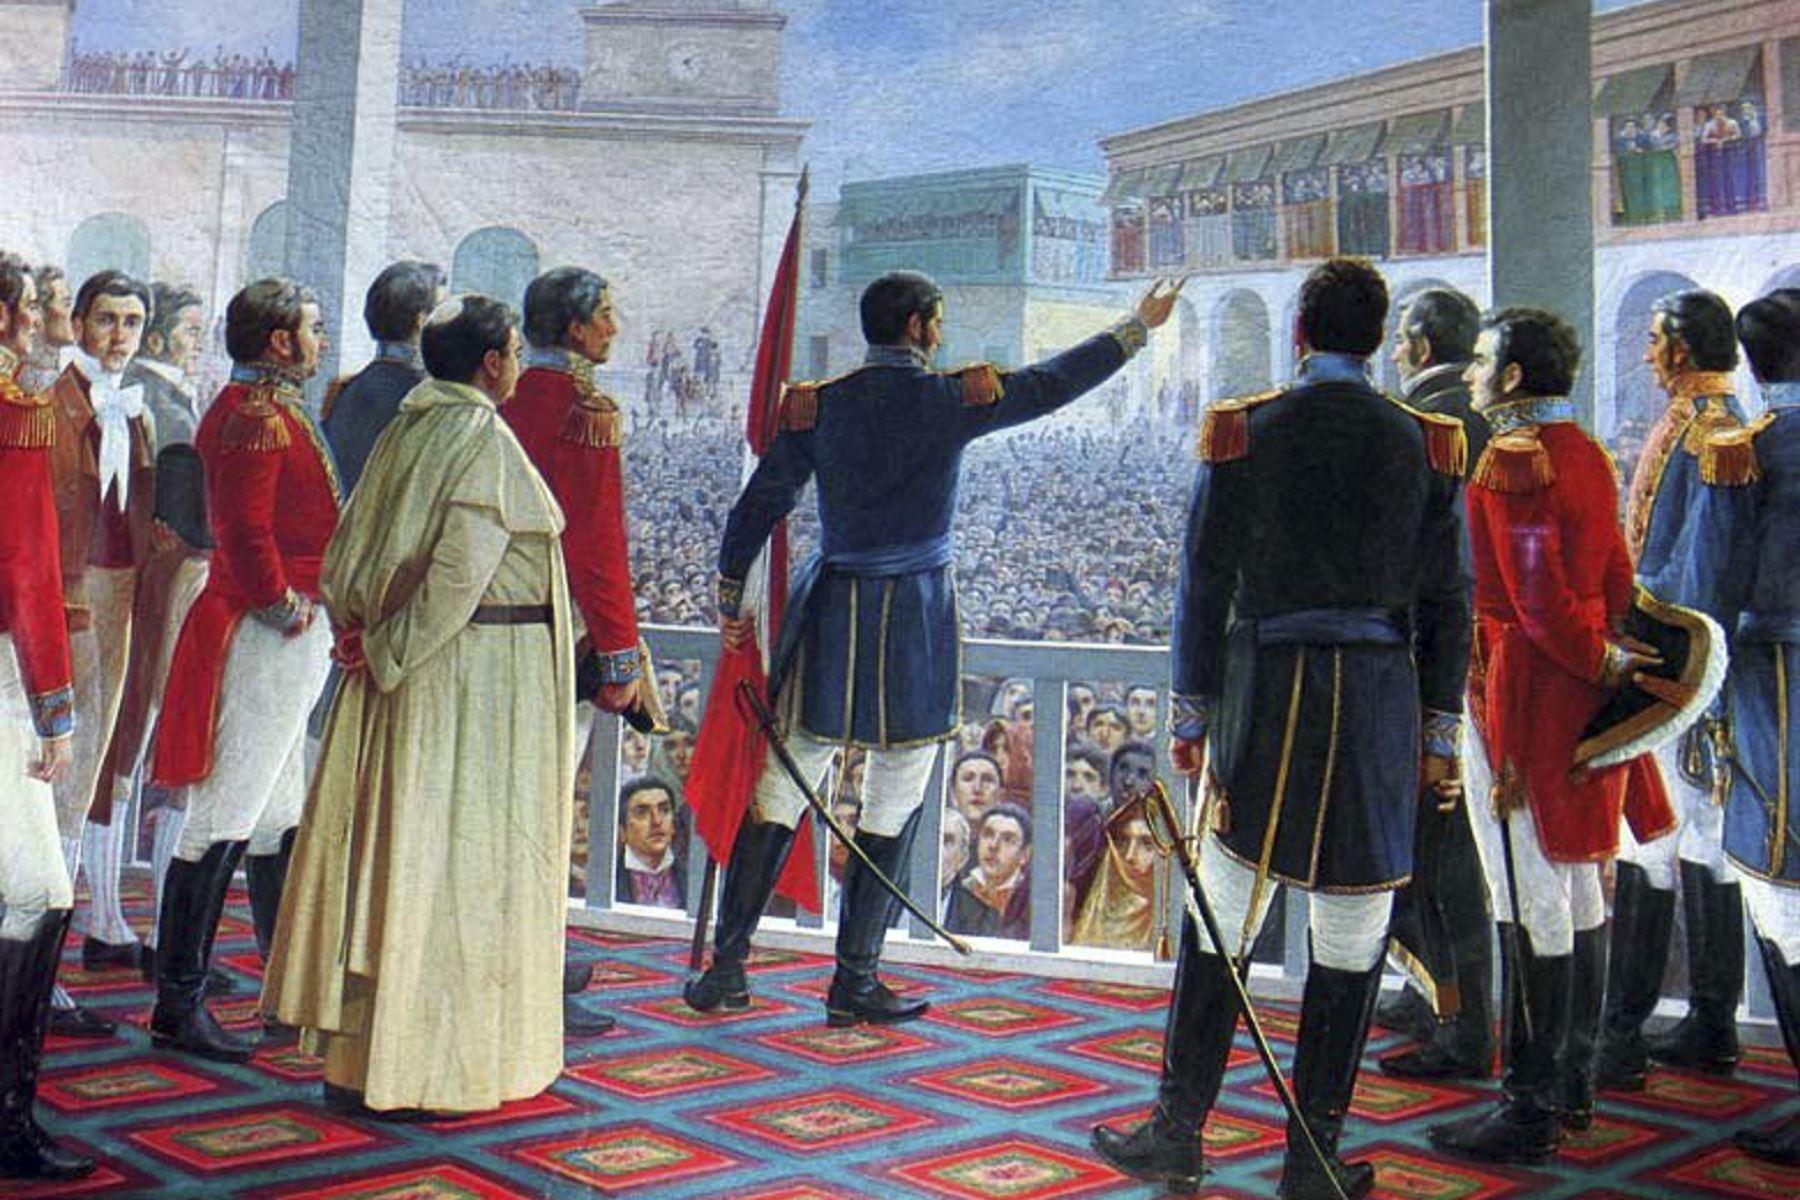 """""""Año del Bicentenario del Perú: 200 años de Independencia"""" deberá consignarse en los documentos oficiales. Foto: ANDINA."""